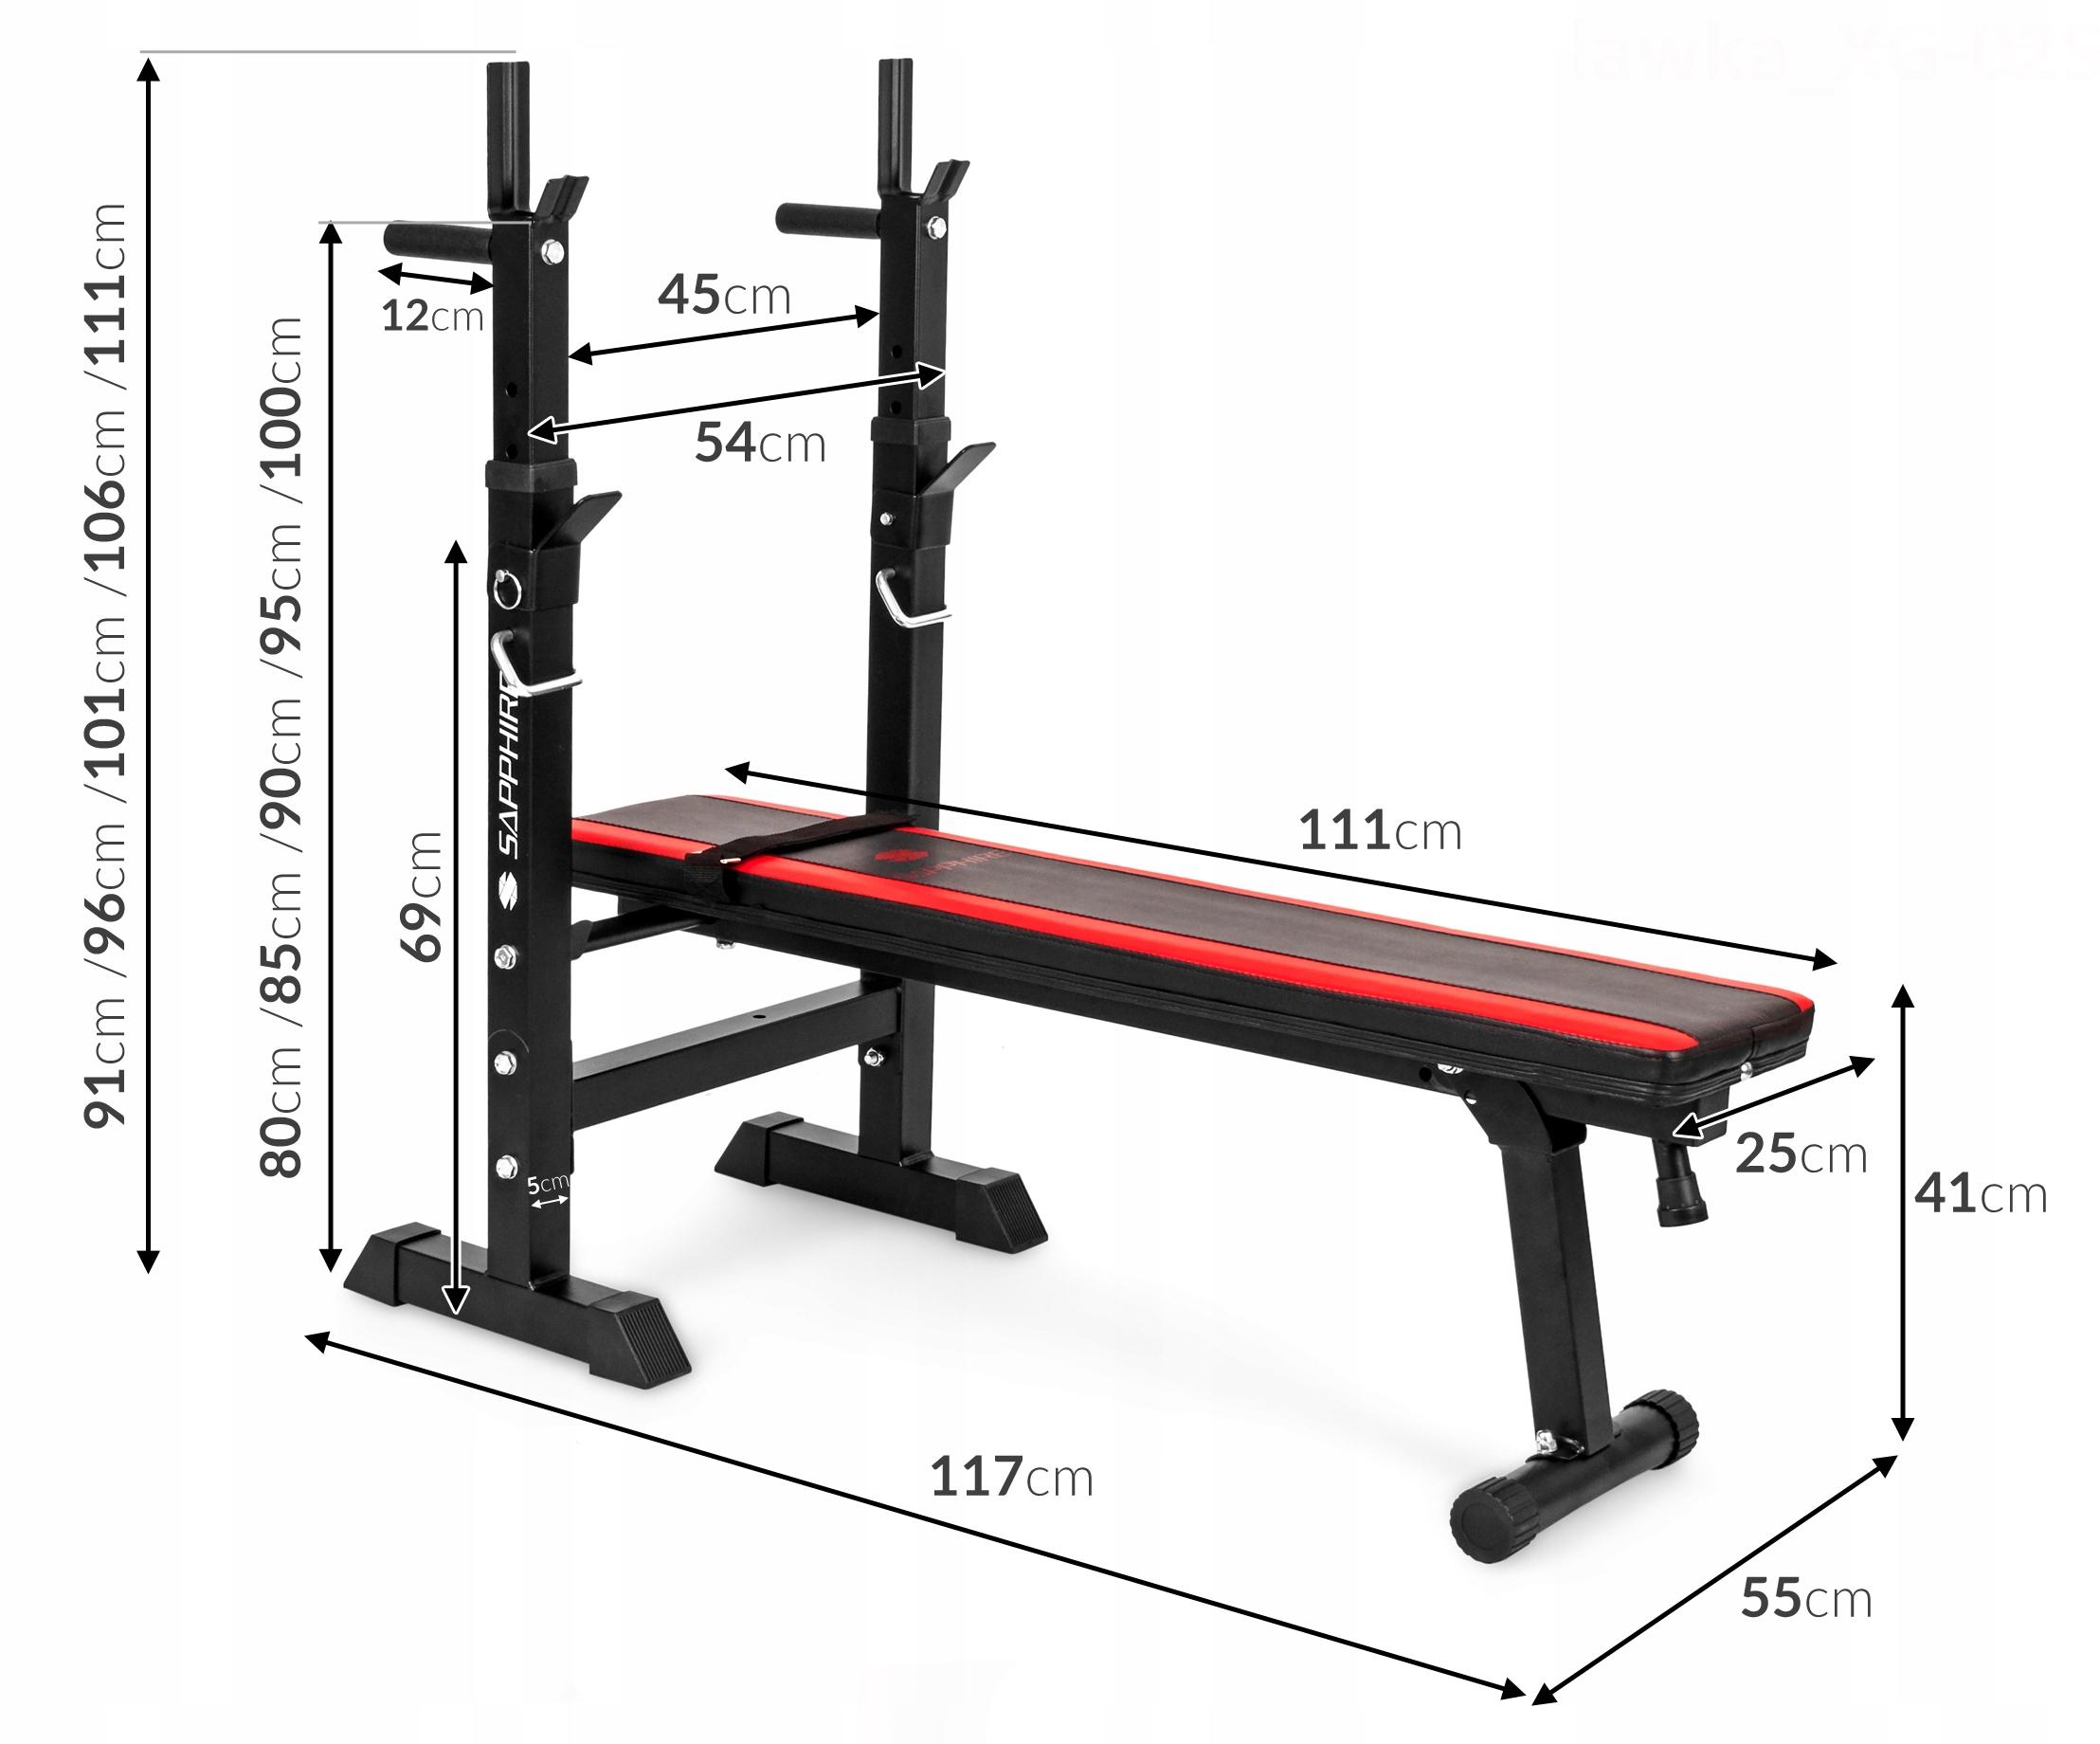 XYLO siłownia 46 kg zestaw ŁAWKA+GRYF+OBCIĄŻENIA EAN 5903228923067